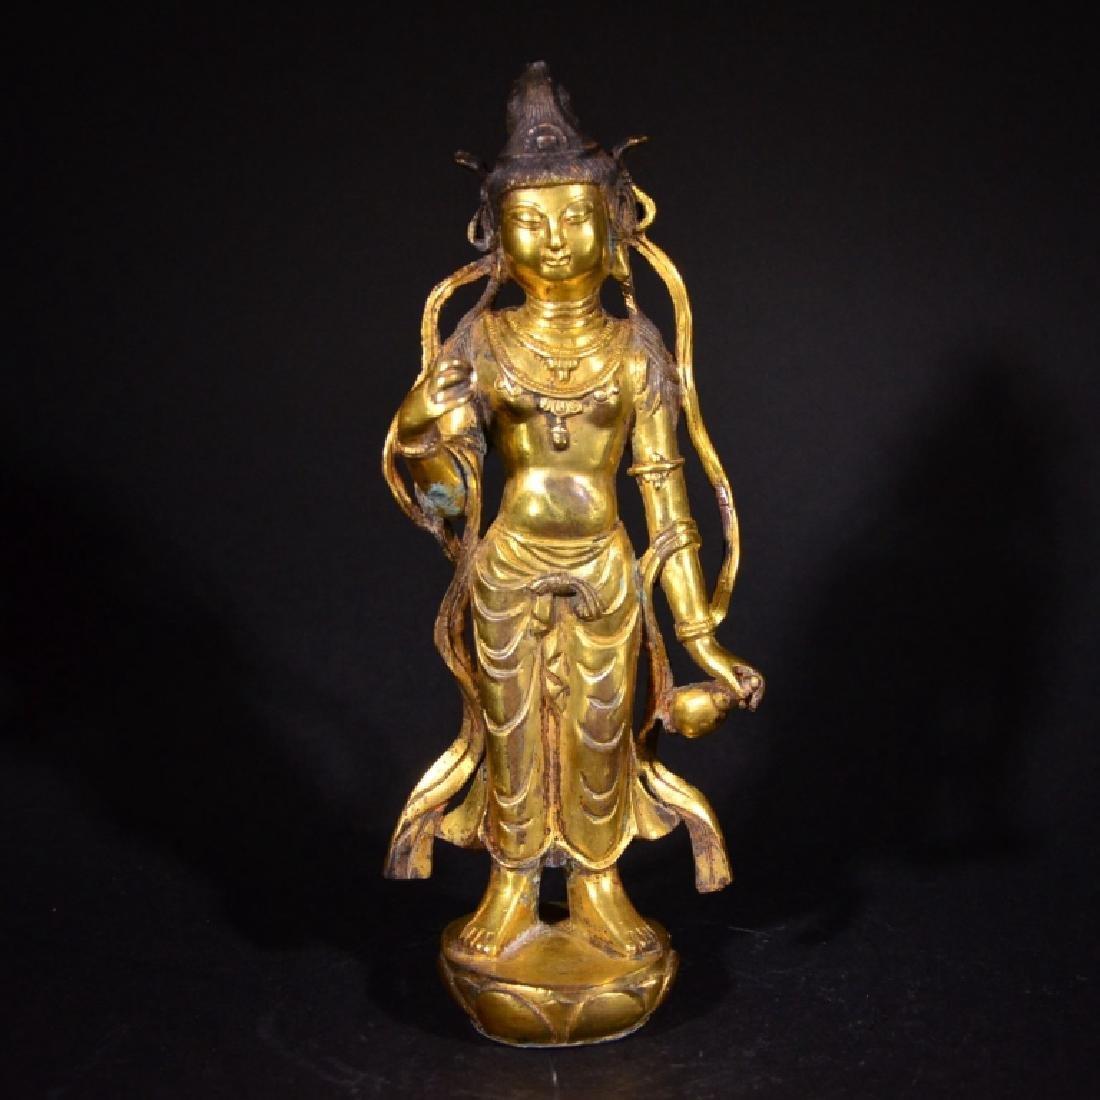 A GILD BRONZE BUDDHA